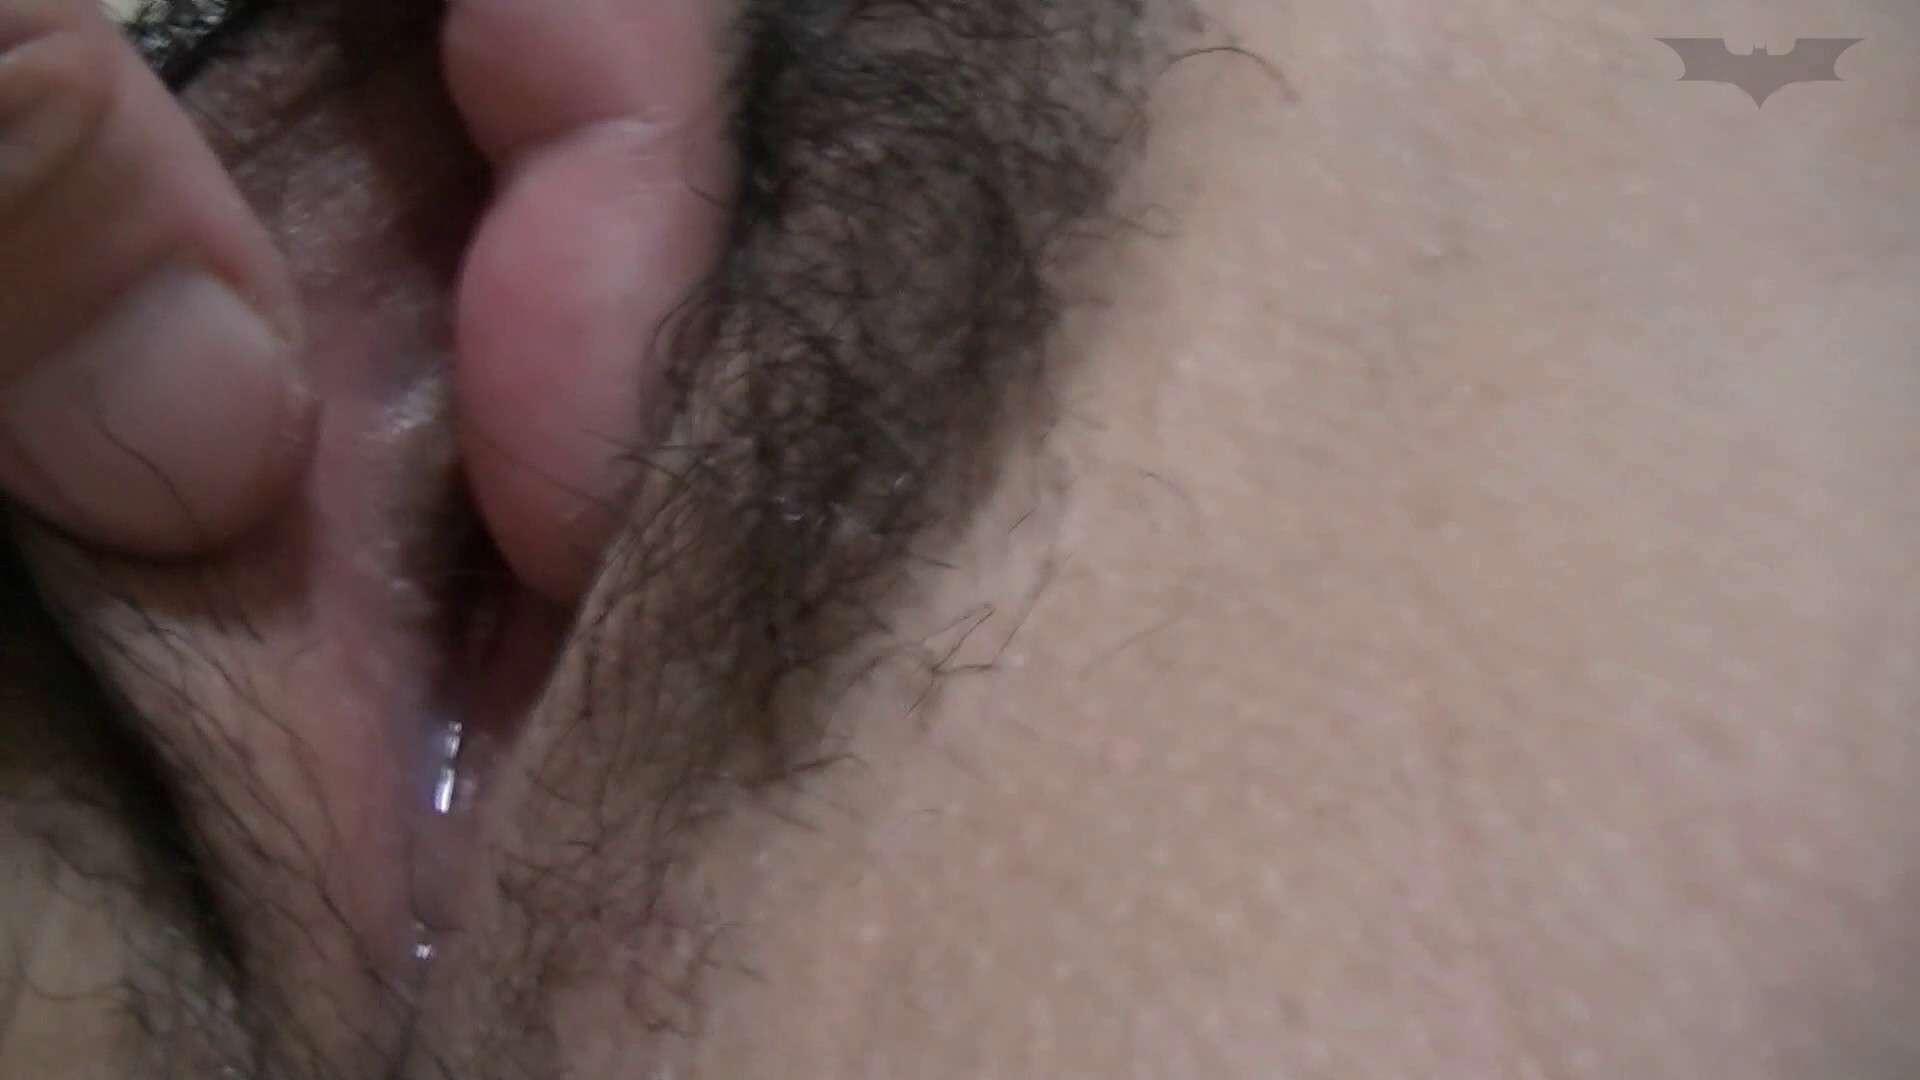 驚異のマン毛採集 五部作合作 美容専門学校生3人組再登場 パンツ | マンコ特集  89連発 89